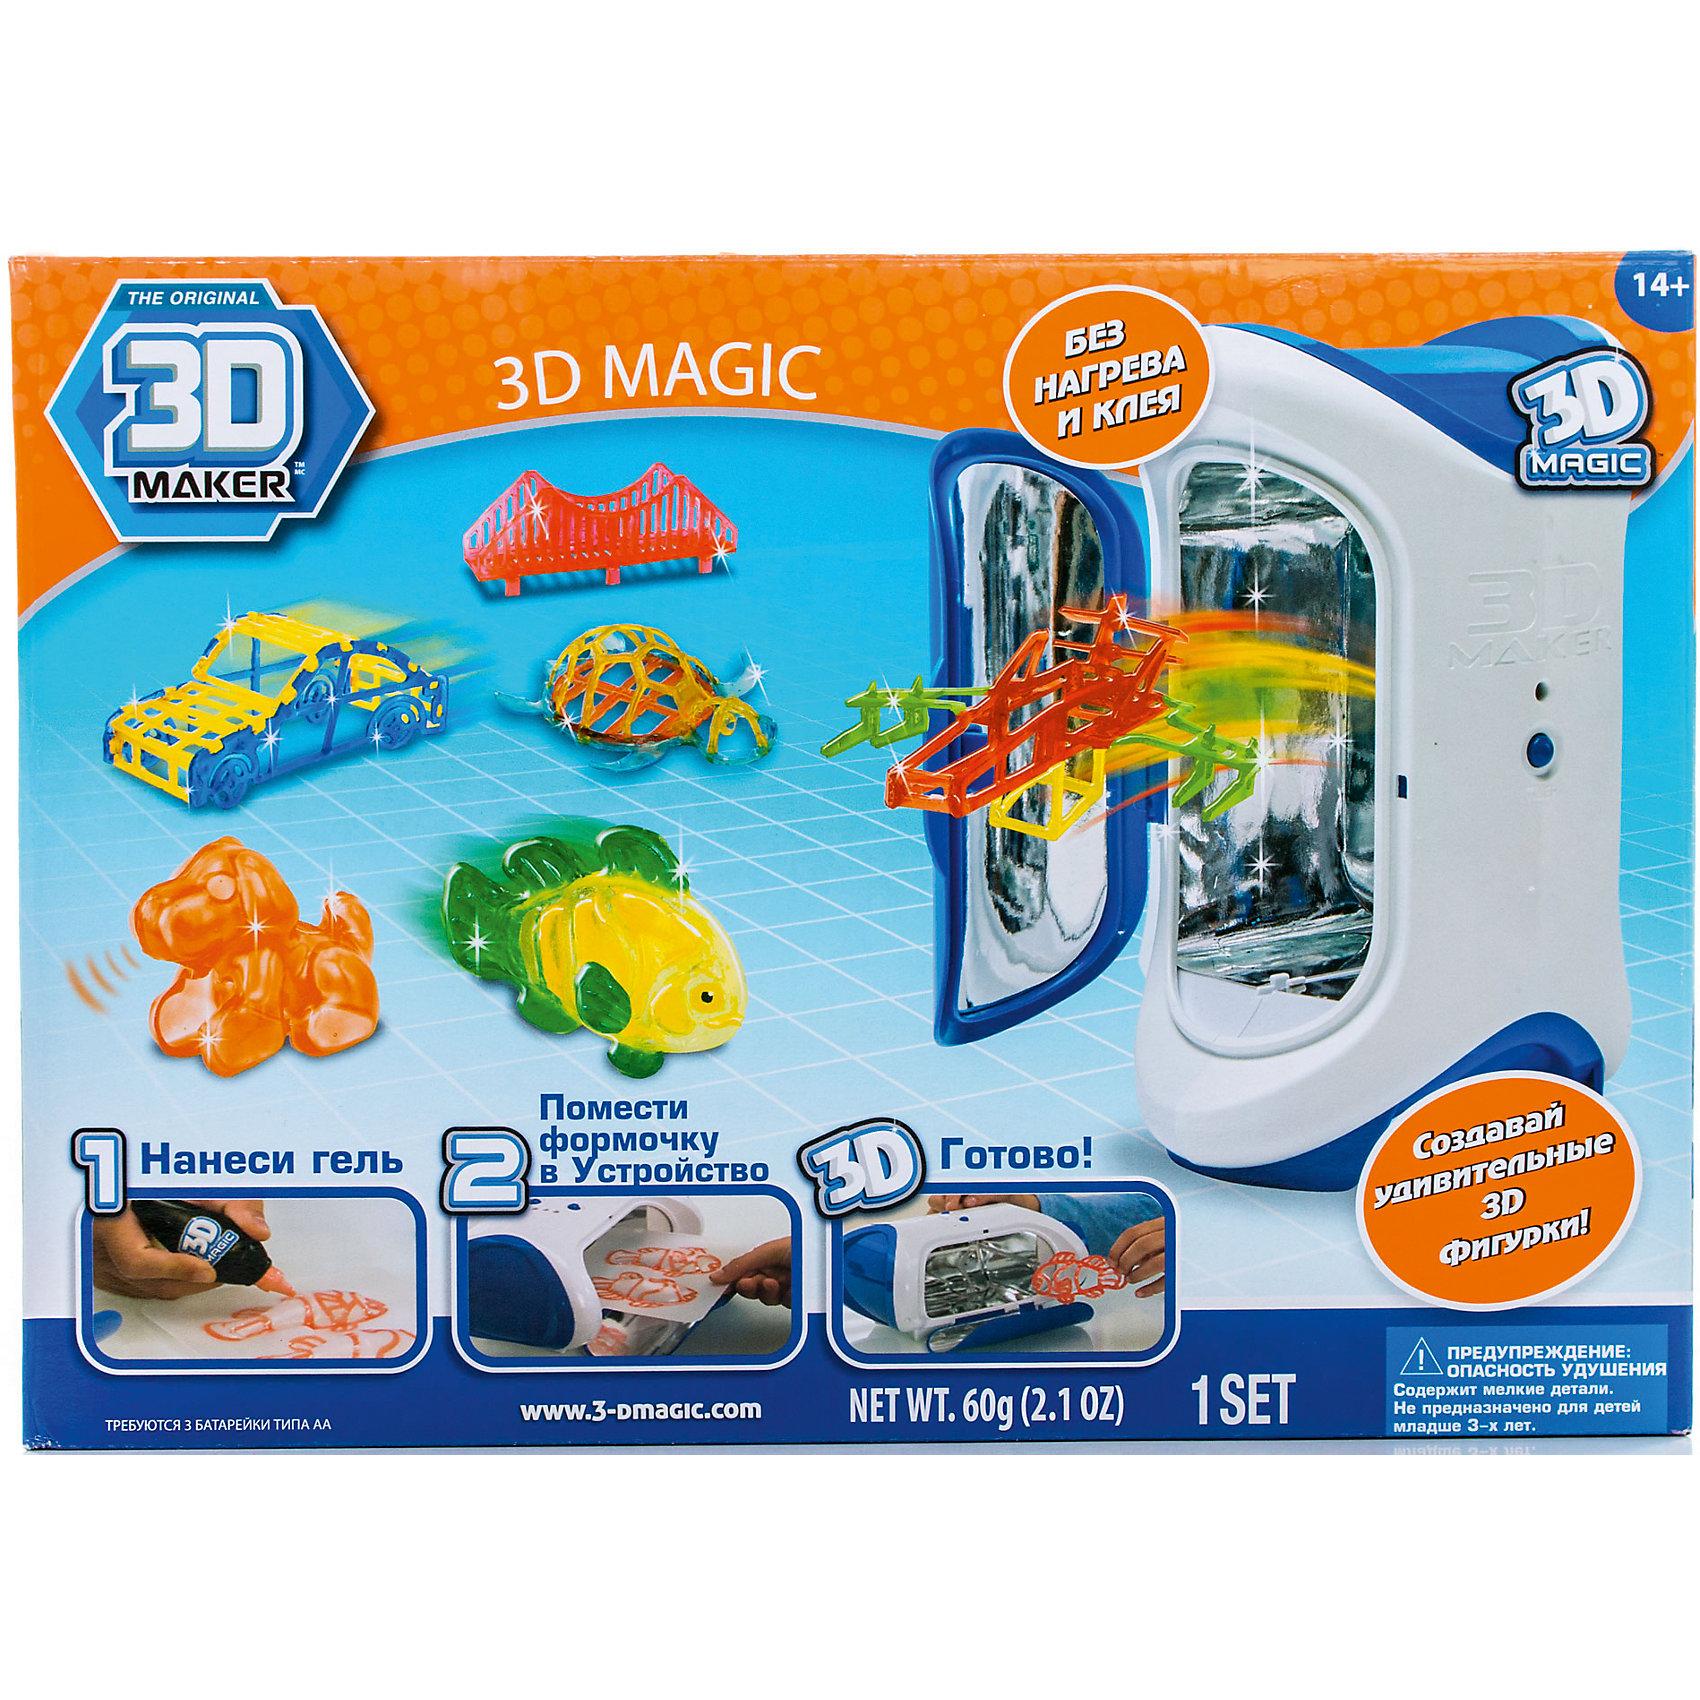 Набор 3D Magic для создания объемных моделей 3D MakerНаборы 3D ручек<br>Характеристики товара:<br><br>• материал: пластик<br>• вес: 900 г<br>• размер упаковки: 36х26х13 см<br>• комплектация: 3D Magic Maker (устройство с ультрафиолетовой лампой), 3 тюбика с гелем (красный, оранжевый, зеленый), 3 формочки, 3 трафарета, 2 дополнительных трафарета для свободного моделирования, инструкция<br>• батарейки: 3хAA/LR61.5V(пальчиковые) <br>• упаковка: коробка<br>• на русском языке<br><br>3D-моделирование - это современный и очень увлекательный вид творчества! С помощью него можно создать множество различных фигурок. Этот набор - качественный и удобный, который поможет ребенку выразить свои творческие способности. Объемная фигурка получается из безопасного материала, очень красиво смотрится. В наборе есть специальные трафареты.<br>В комплект входит всё необходимое, чтобы сразу приступить к созданию объемных фигур! Изделие произведено из качественных и безопасных для ребенка материалов. Работа с таким набором помогает развить мышление ребенка, аккуратность, внимательность, мелкую моторику и воображение. Полезный и развивающий подарок!<br><br>Набор 3D Magic для создания объемных моделей 3D Maker можно купить в нашем интернет-магазине.<br><br>Ширина мм: 360<br>Глубина мм: 260<br>Высота мм: 130<br>Вес г: 900<br>Возраст от месяцев: 72<br>Возраст до месяцев: 120<br>Пол: Унисекс<br>Возраст: Детский<br>SKU: 5230671